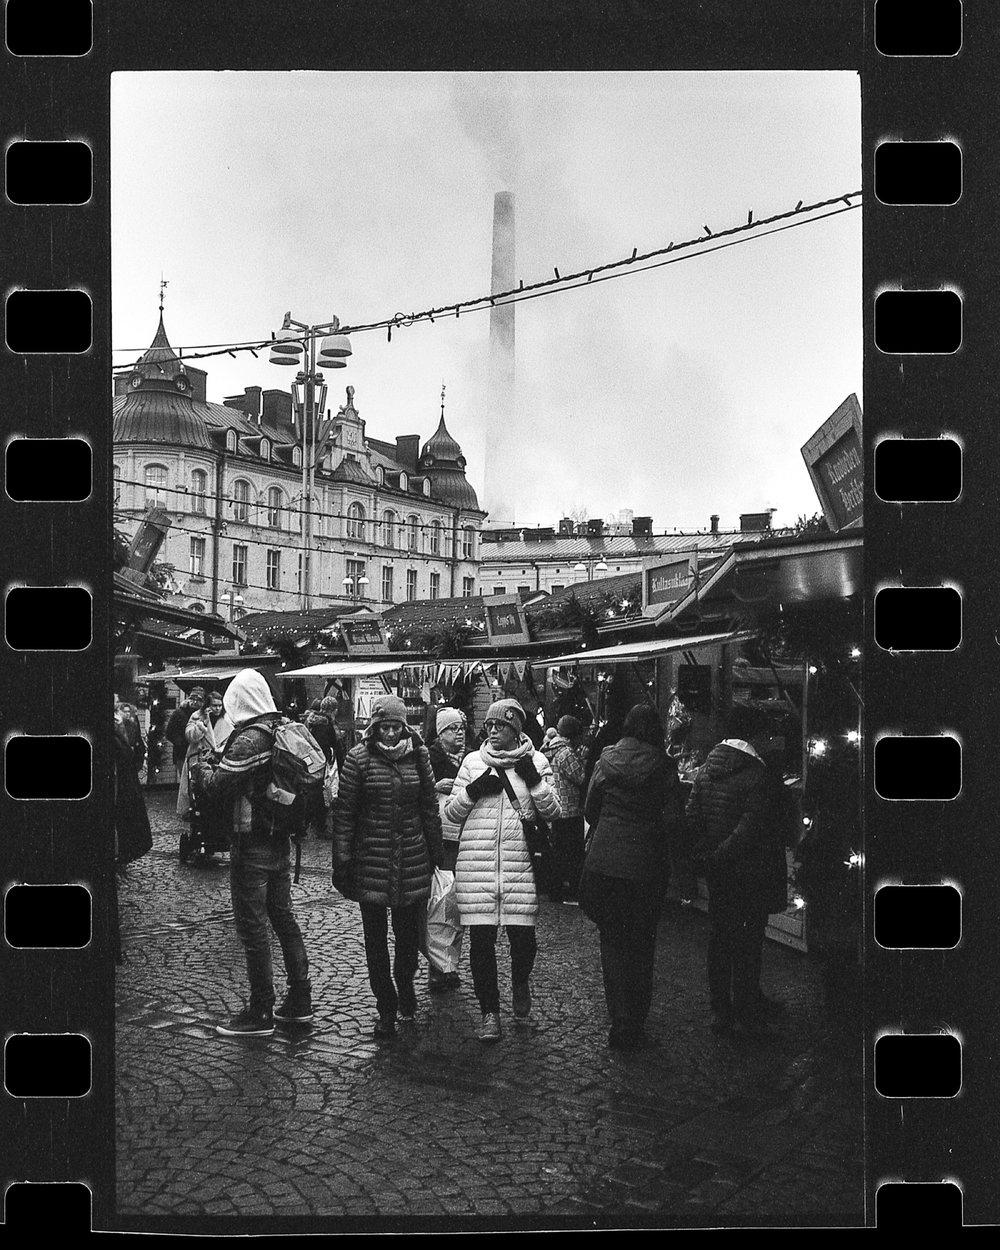 santa_1000_new_black_and_white_film_35mm_9.jpg